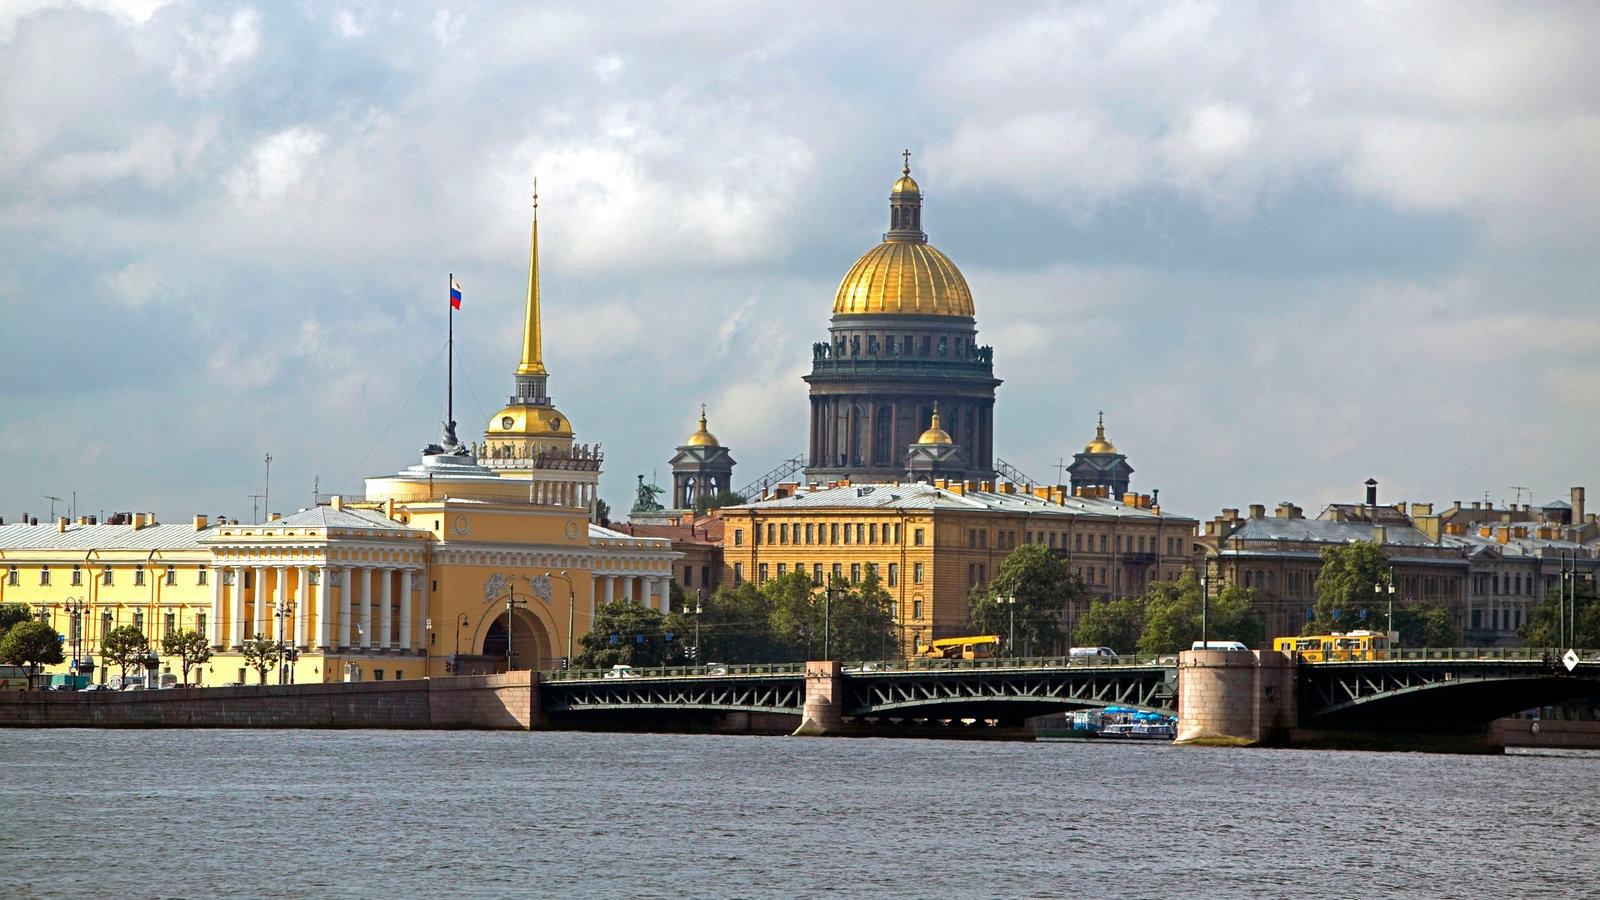 Russland partnervermittlung st petersburg Russland Partnervermittlung St Petersburg Partnervermittlung Stettin Viola